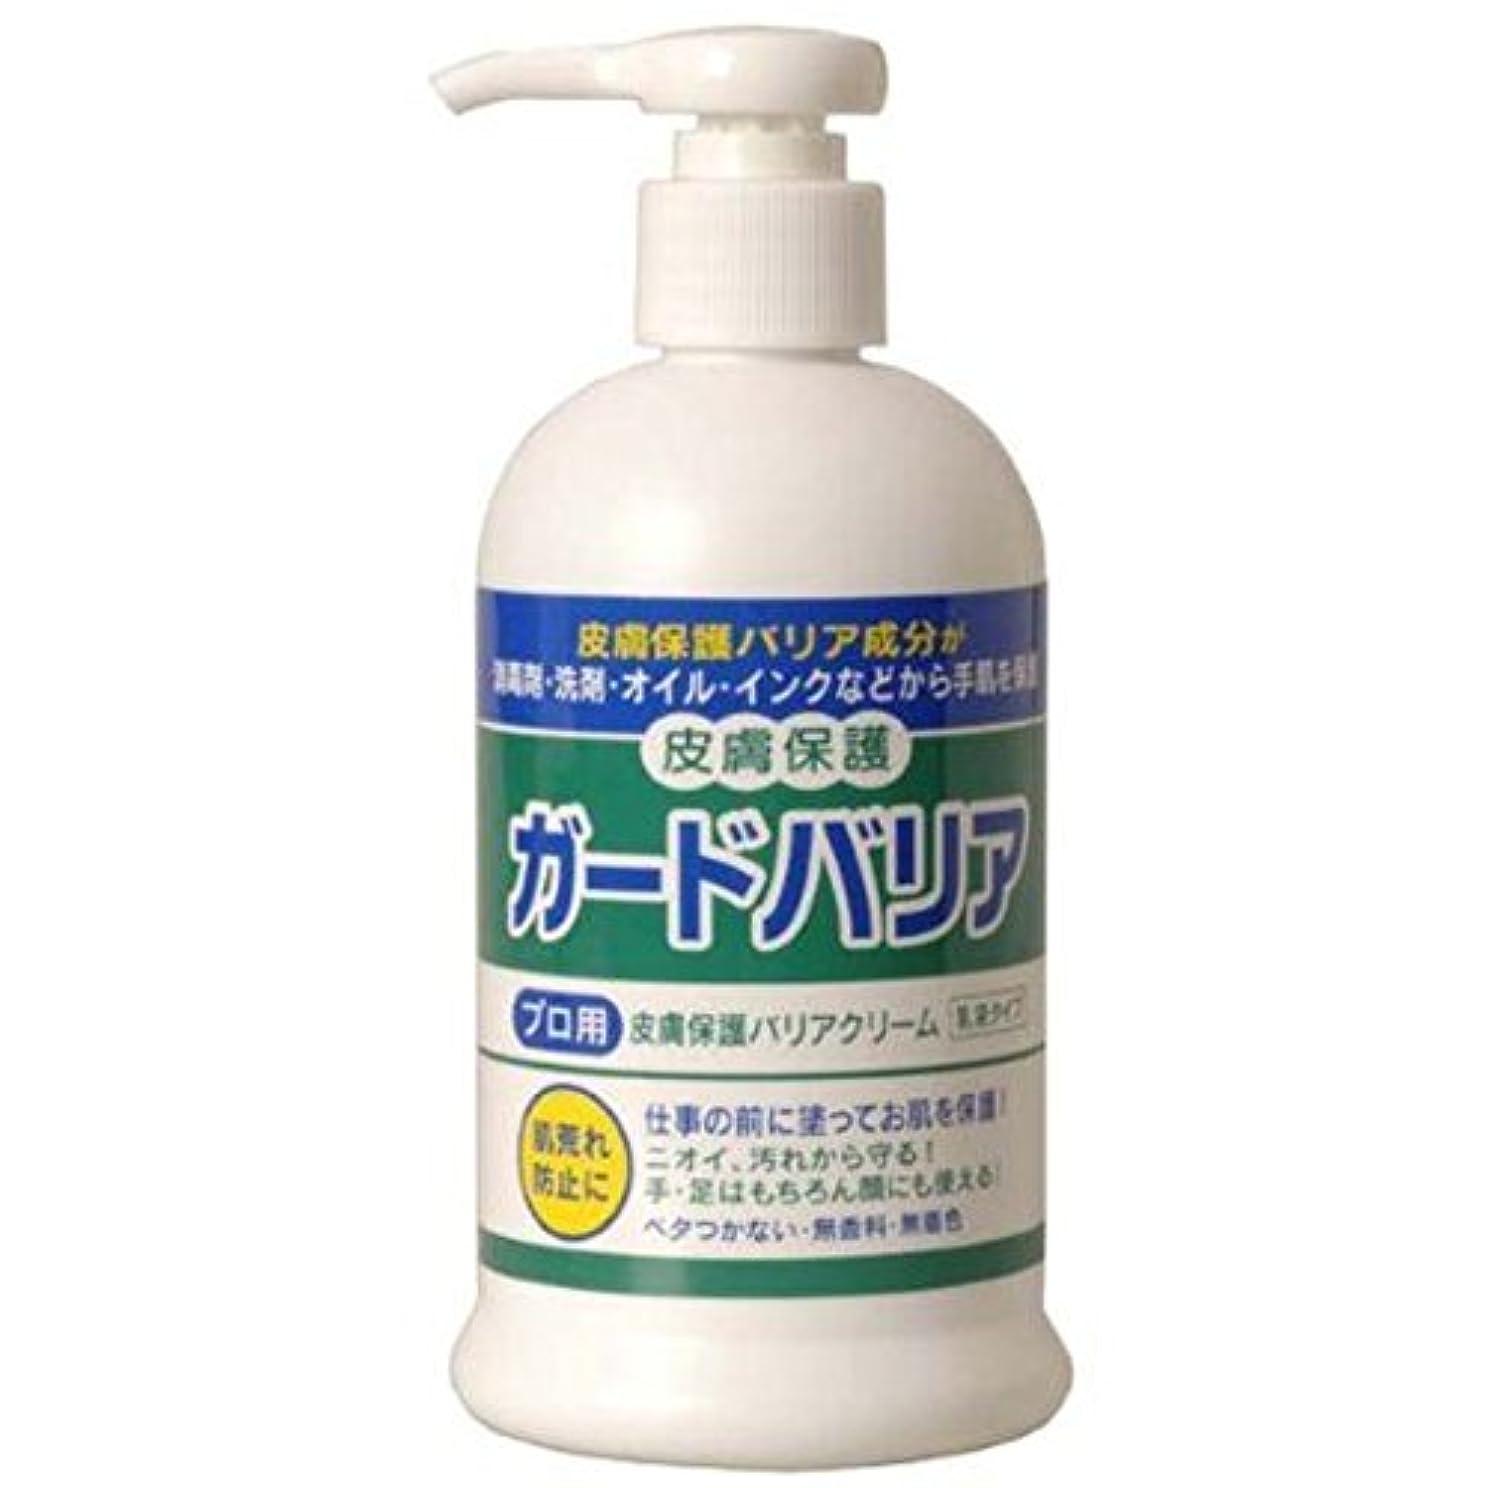 凝視準備位置づけるガードバリア【皮膚保護バリアクリーム】プロ用